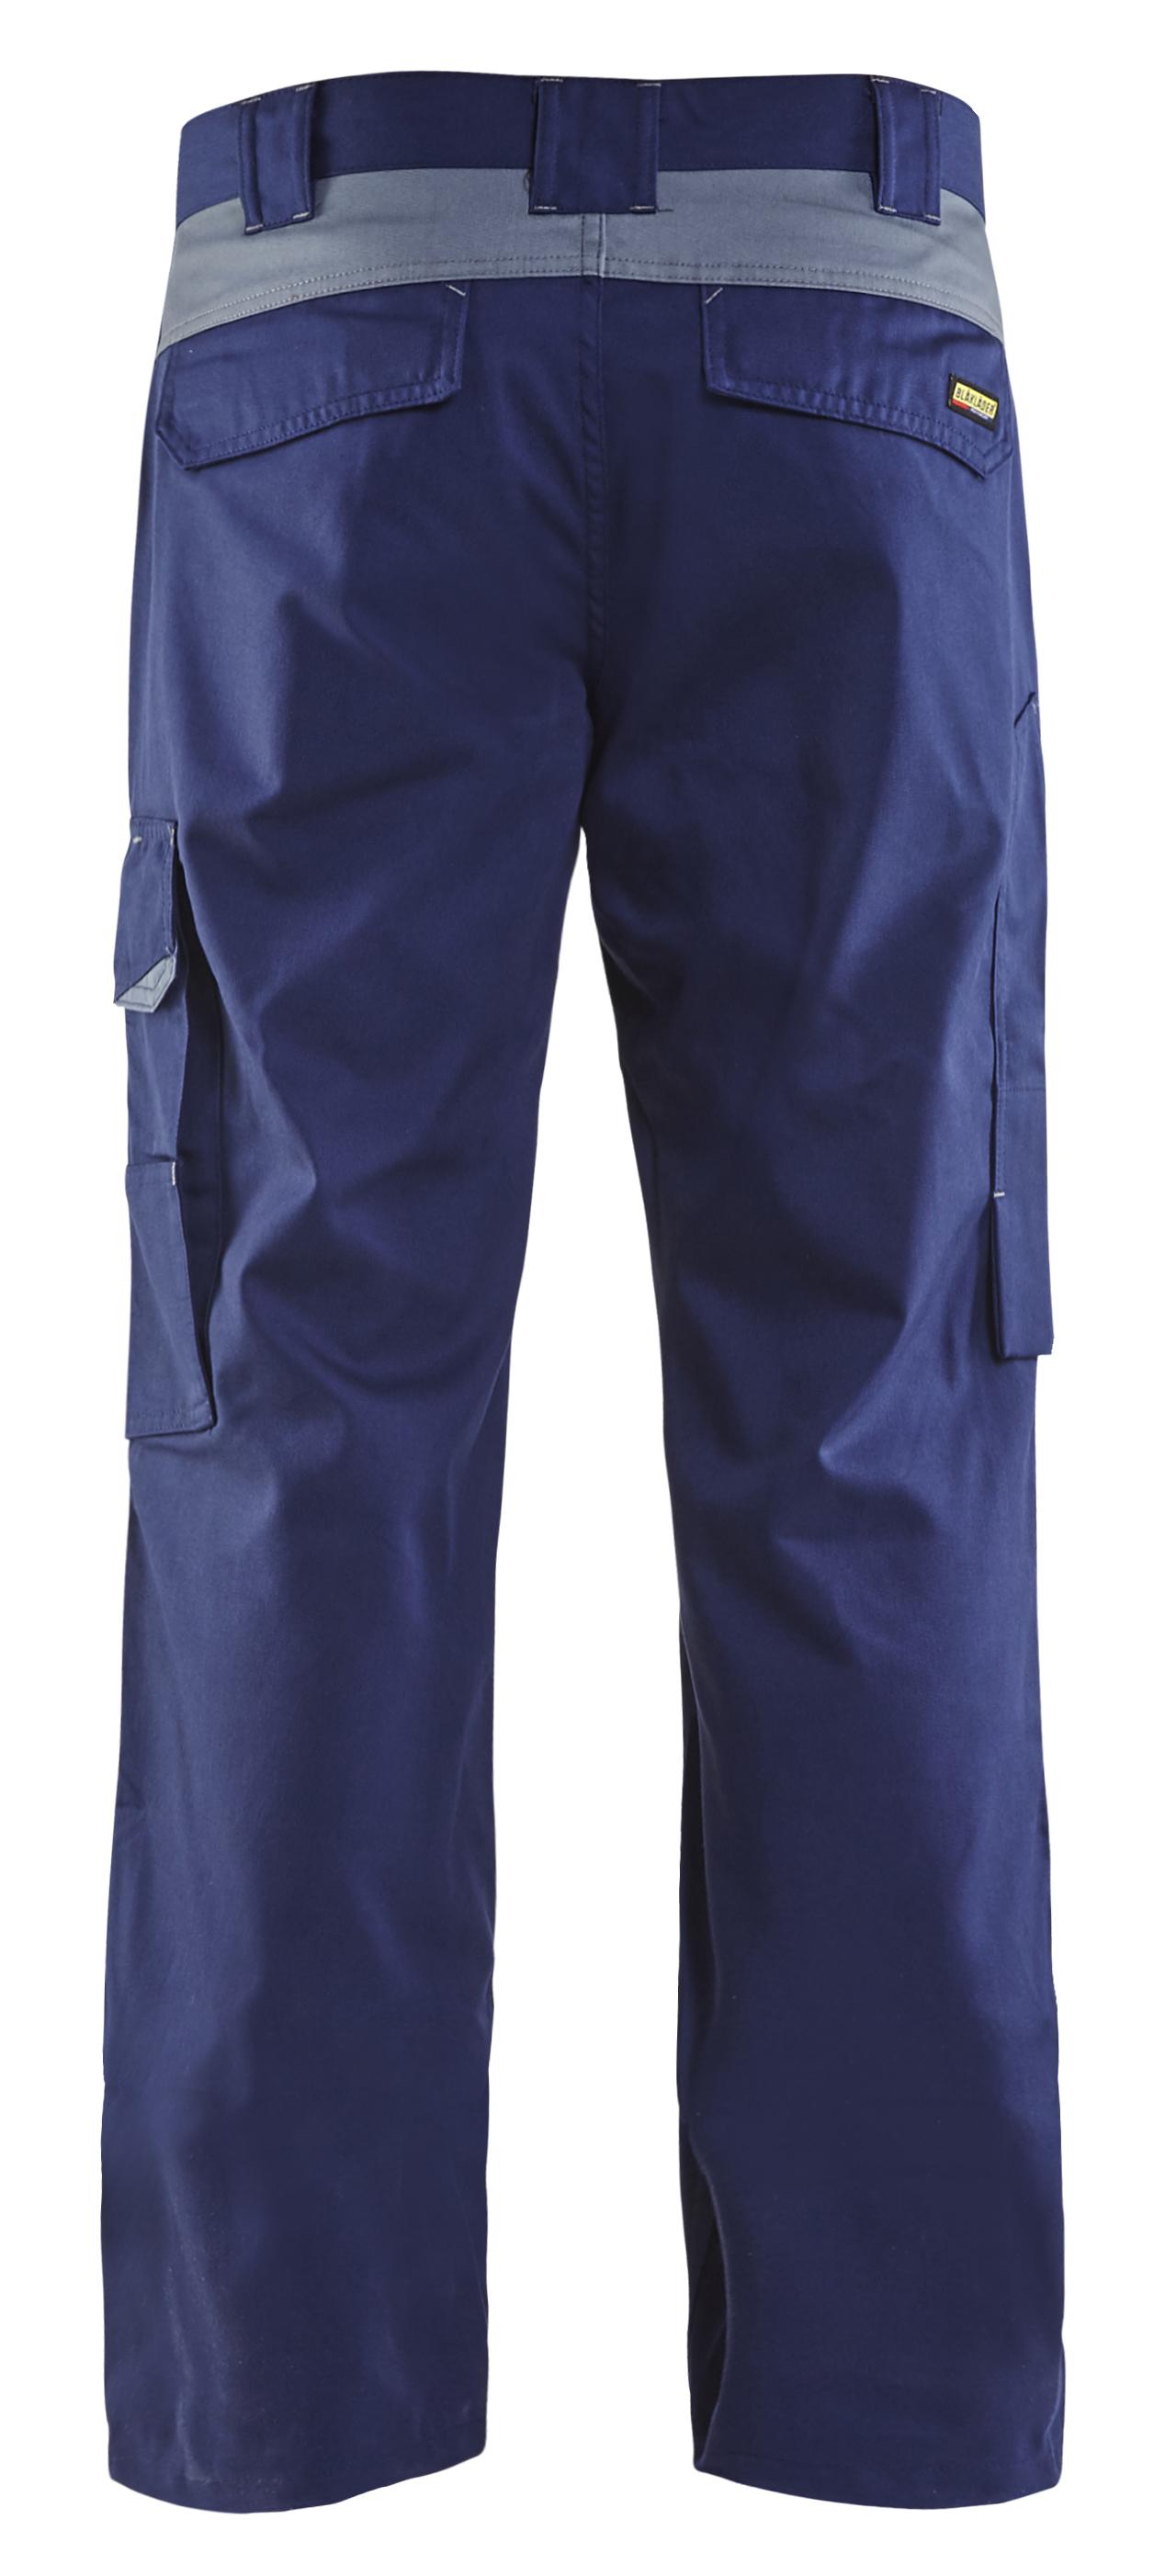 Bukse industri MarineblåGrå